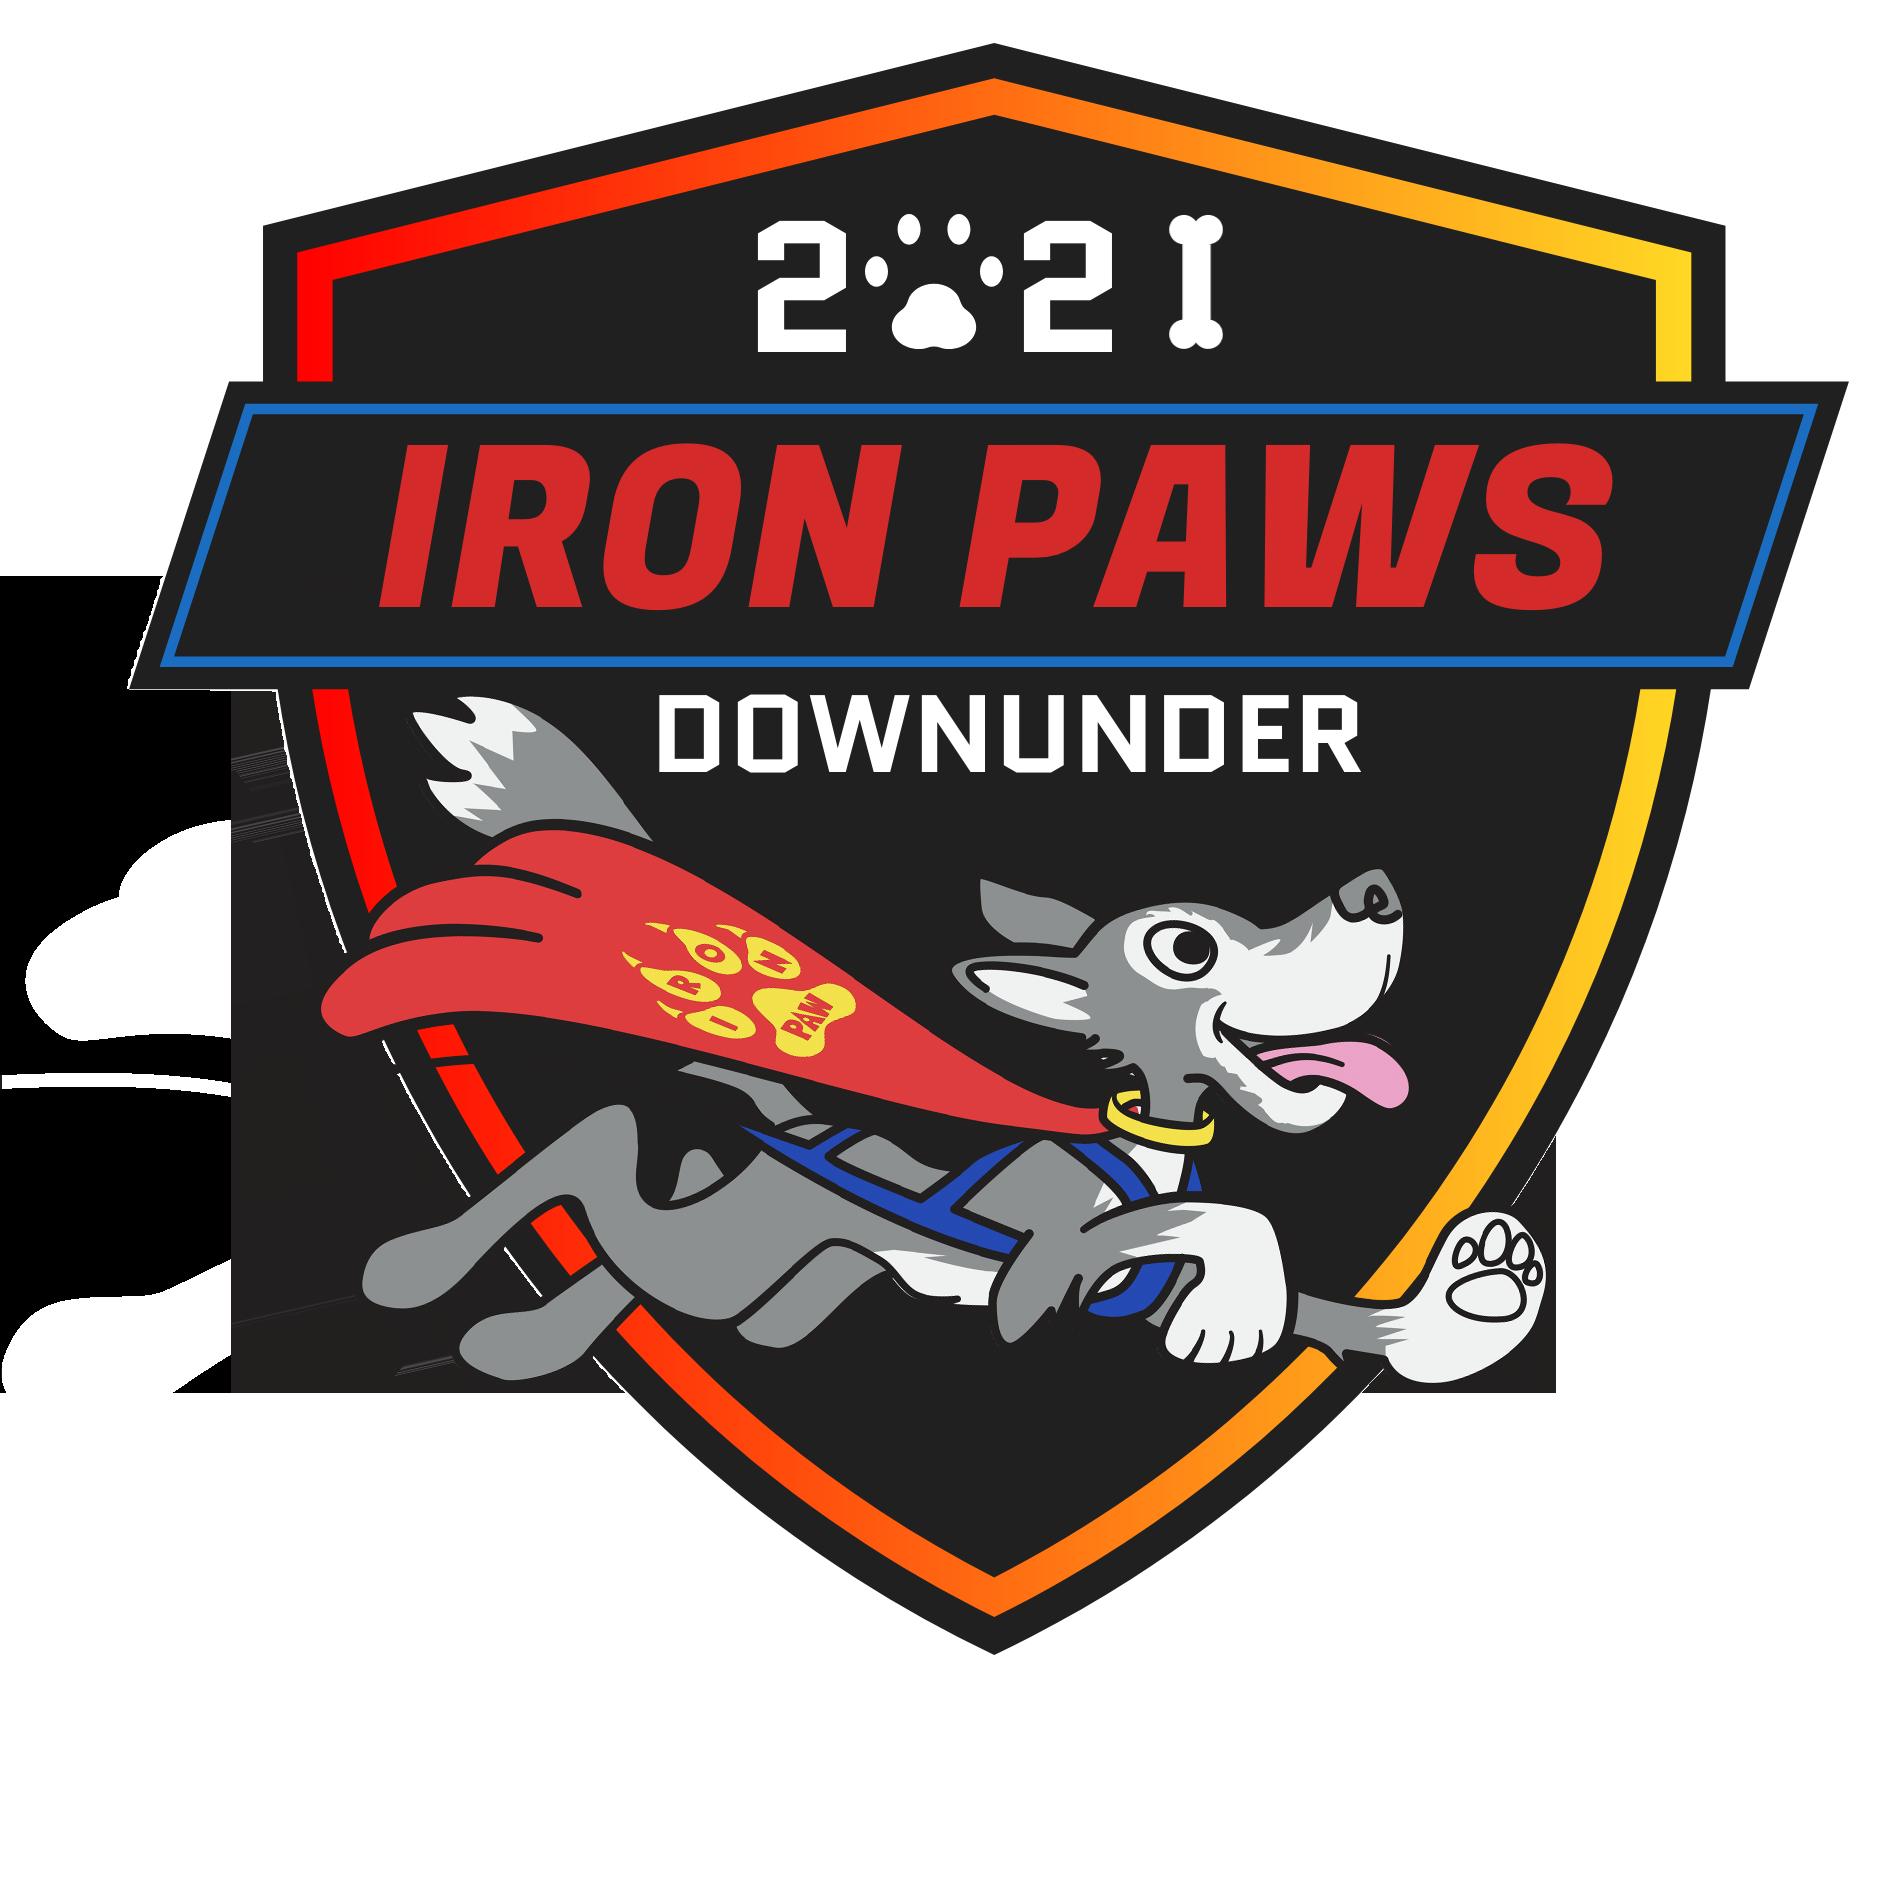 Iron Paws DownUnder!